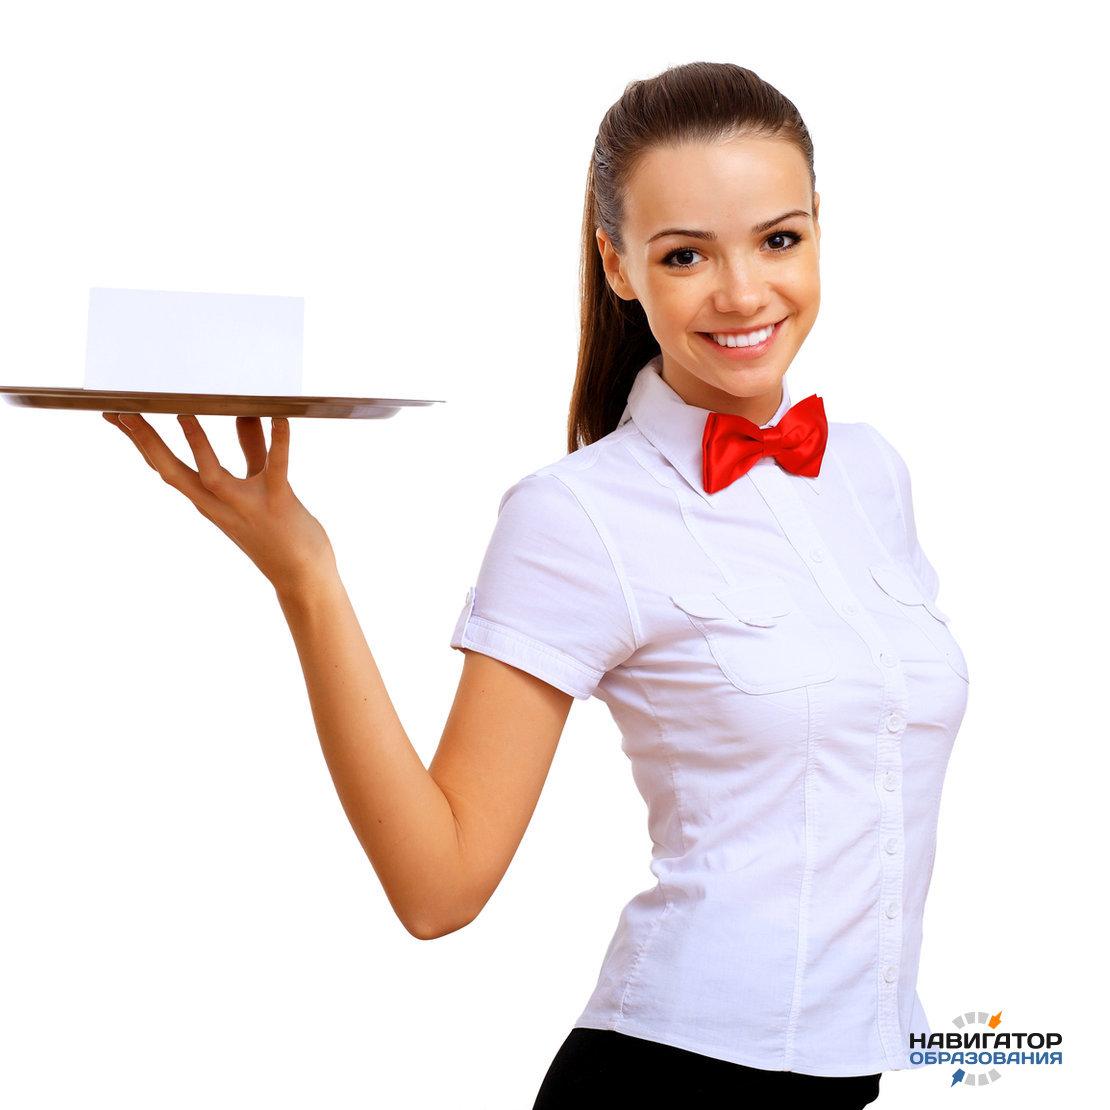 Работа в москве для девушки официантка заработок в интернете веб моделью